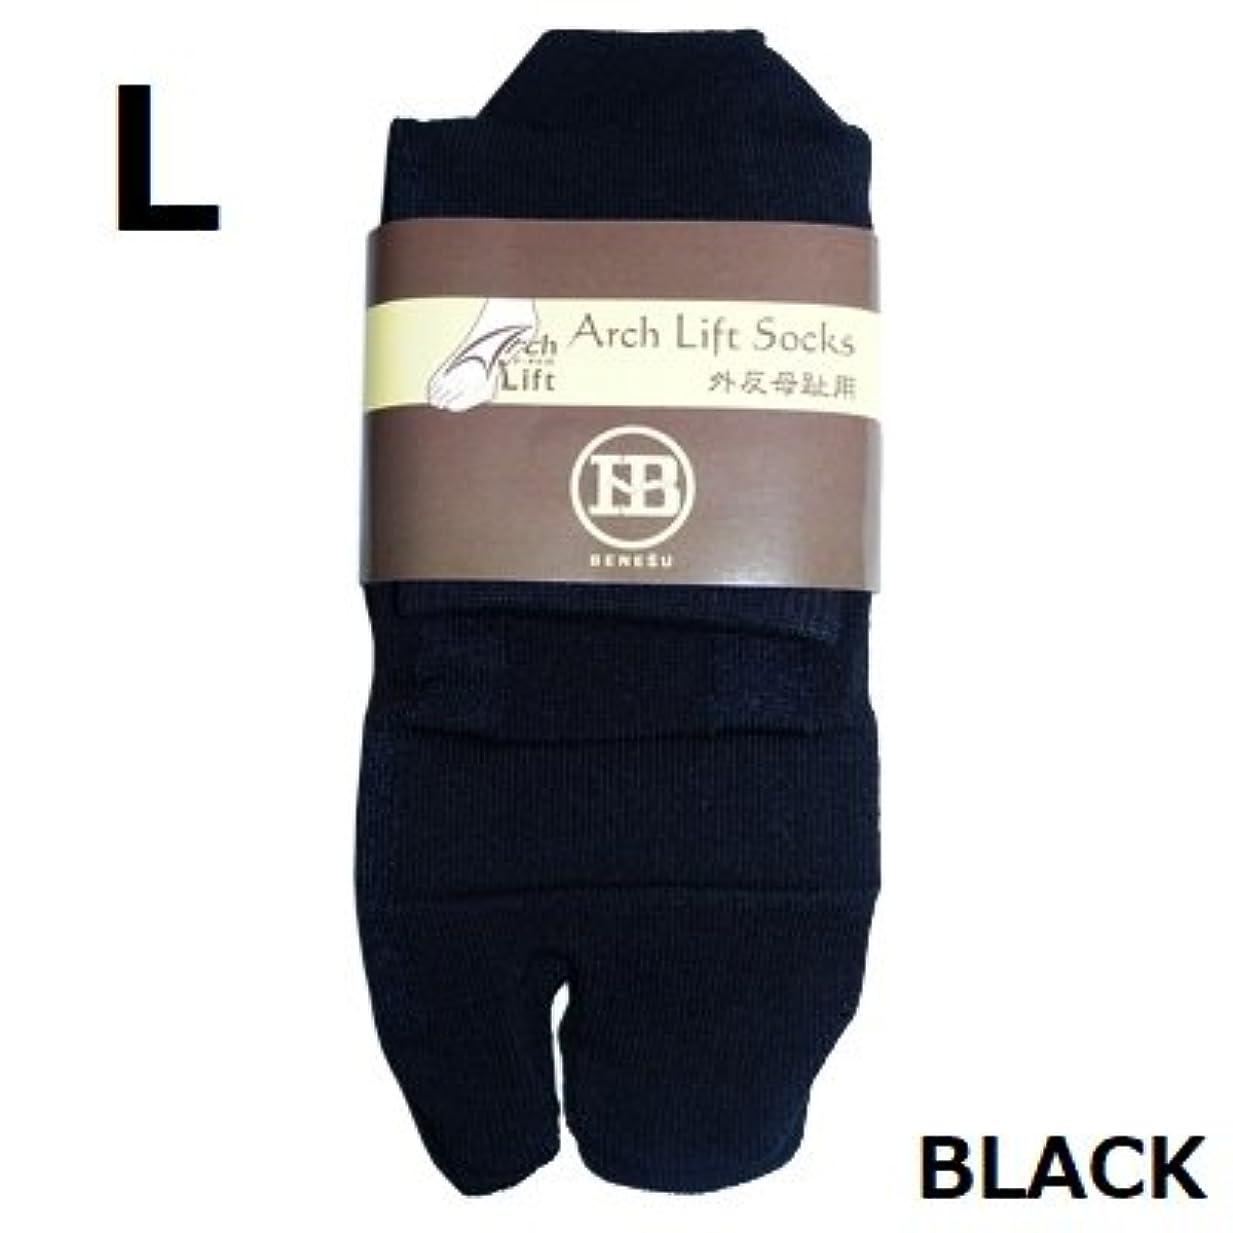 まだら少数歩くアーチライフソックス 外反母趾 テーピング加工靴下 サポーター(カラー:黒色)(サイズ:L)